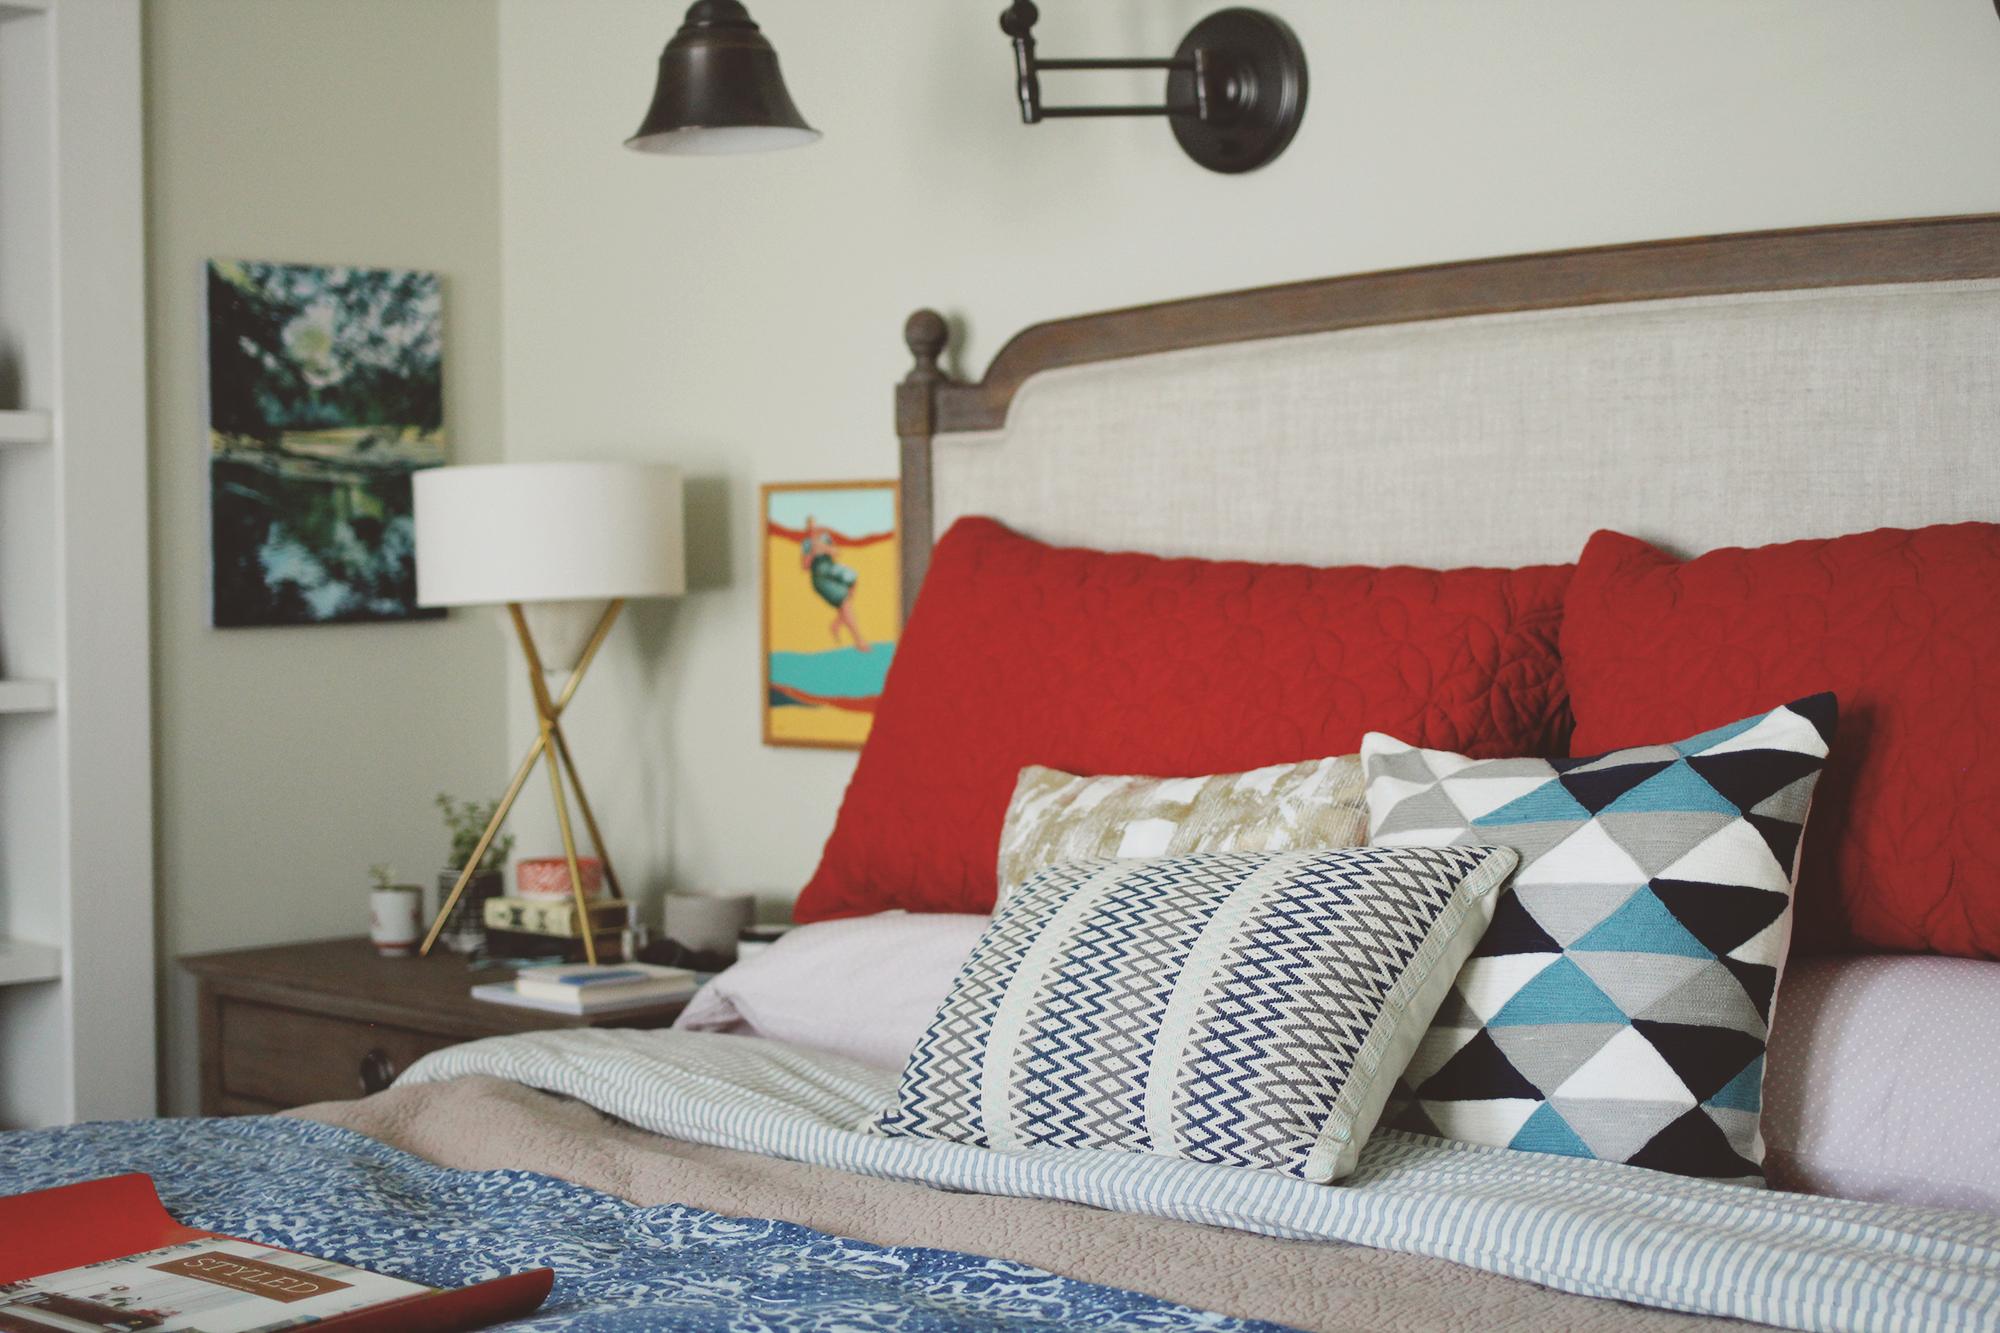 jo-torrijos-a-simpler-design-atlanta-interior-design-ajc-master-bedroom-styled-28.jpg